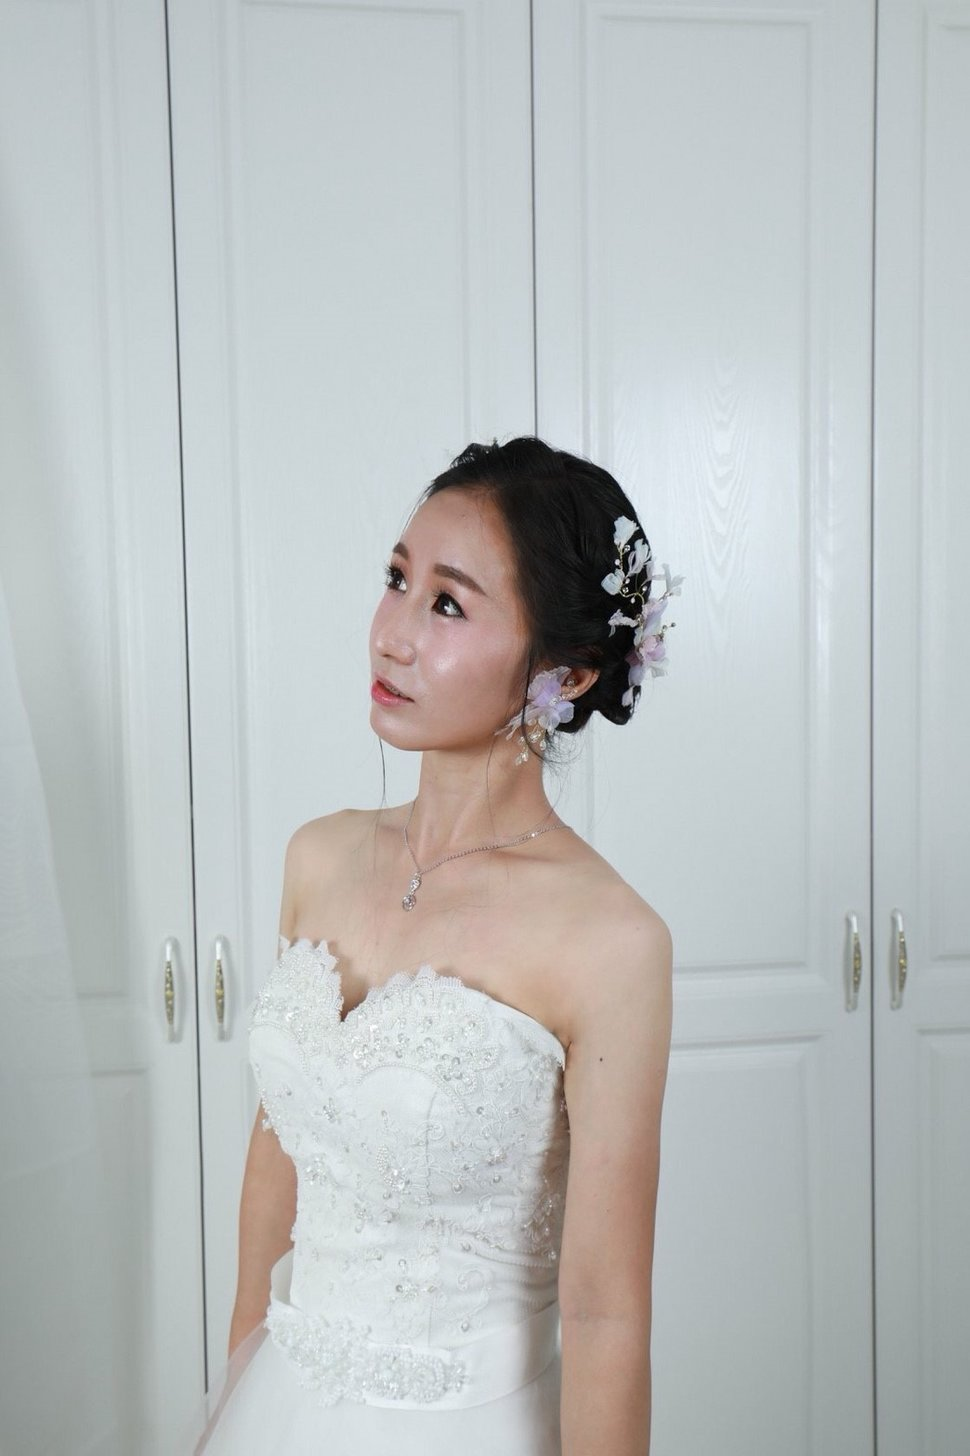 閒閒_180722_0011 - 全台最便宜-45DESIGN四五婚紗禮服《結婚吧》